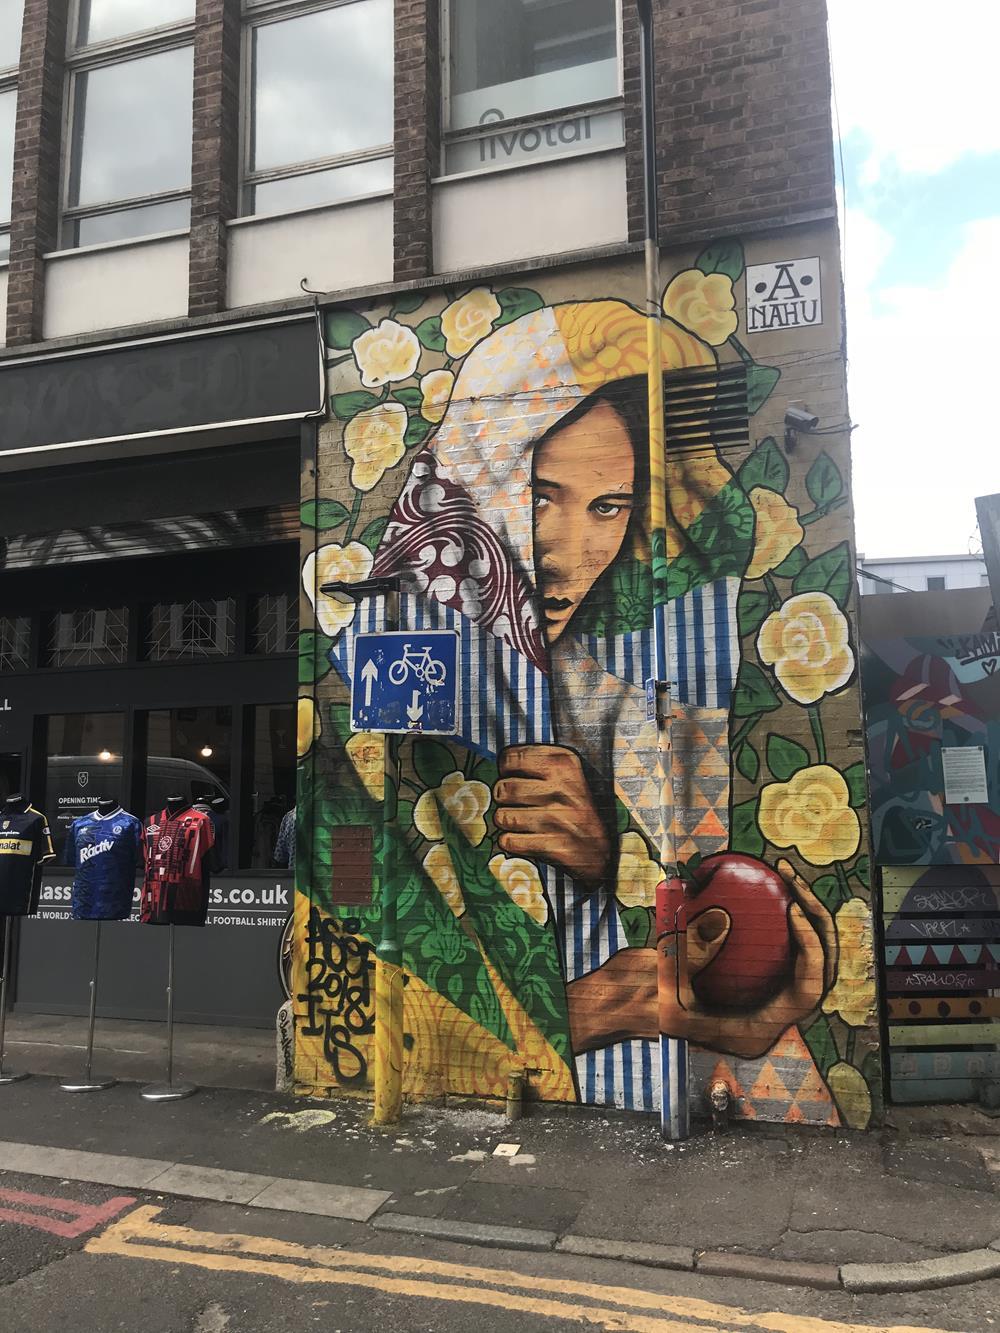 Shoreditch street art near Old Street